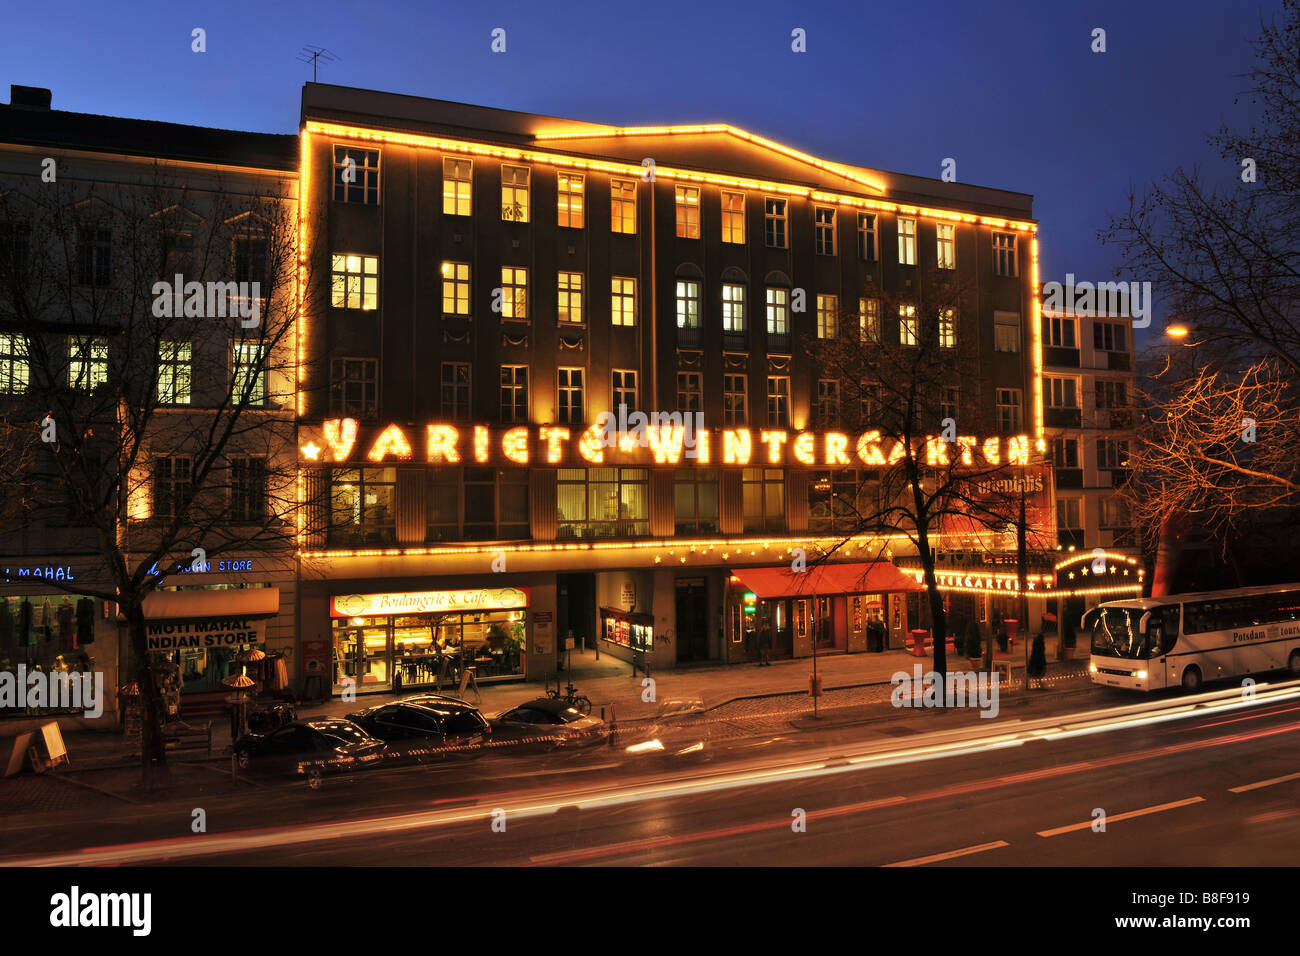 Wintergarten Varieté Berlin Germany City - Stock Image